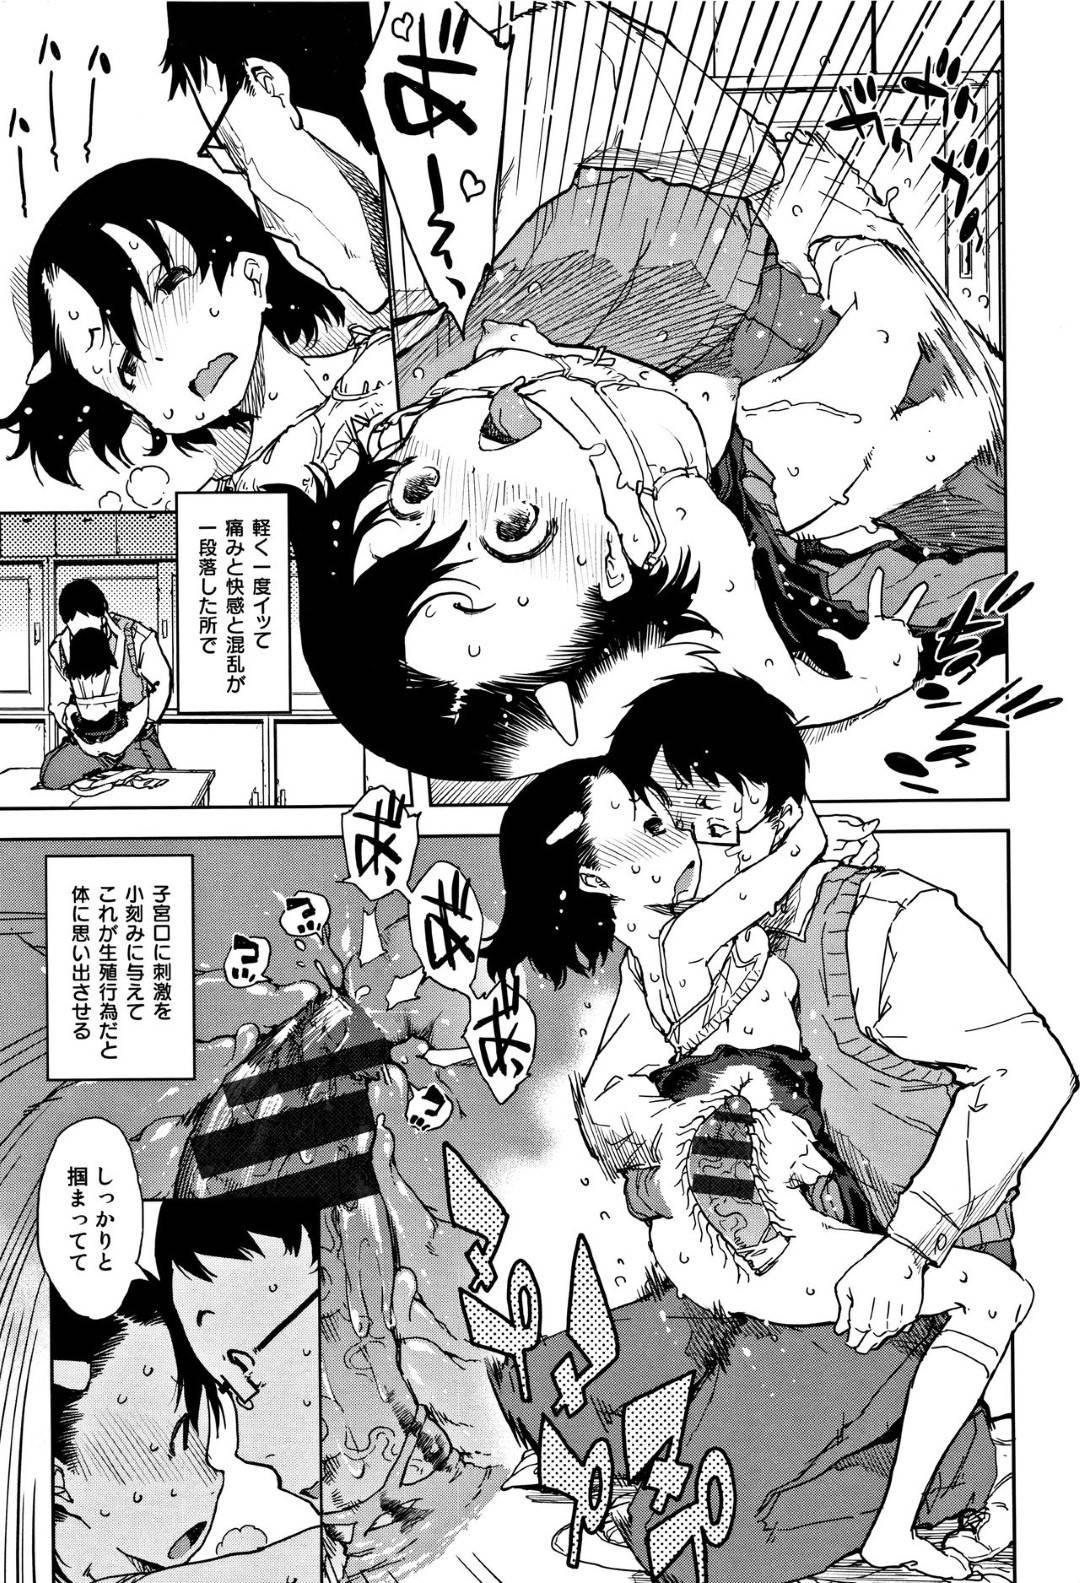 【エロ漫画】変態男教師に処女を捧げてしまったロリJCは激しい連続中出しセックスで絶頂しまくる【鈴木狂太郎】